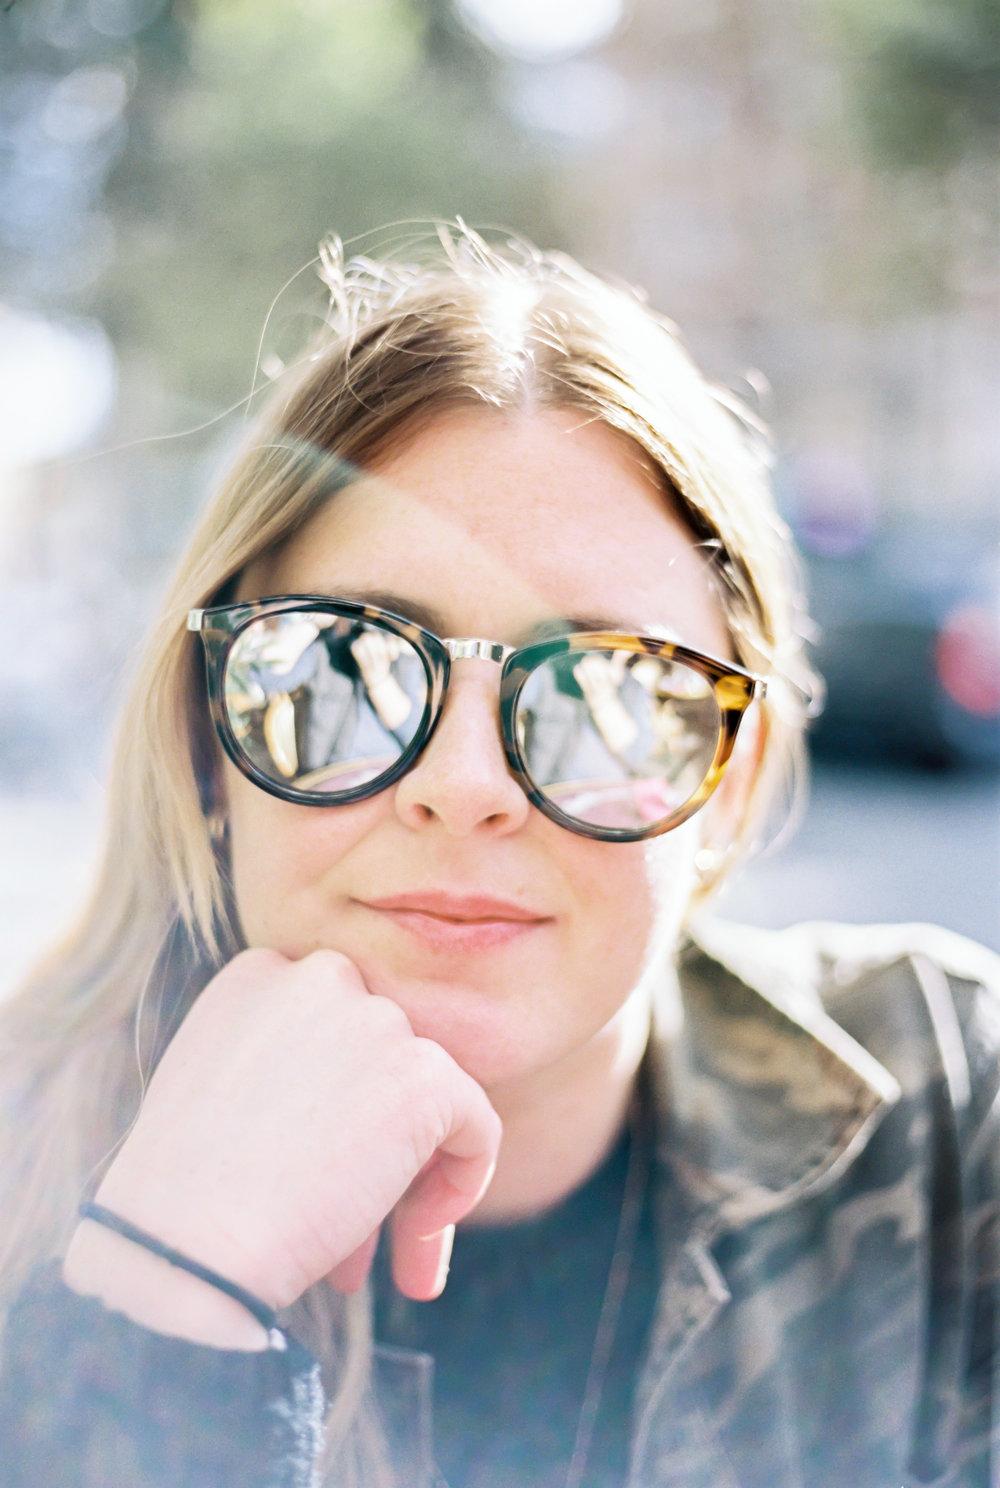 Jacqueline Anne Photography - Paris - Portra 160